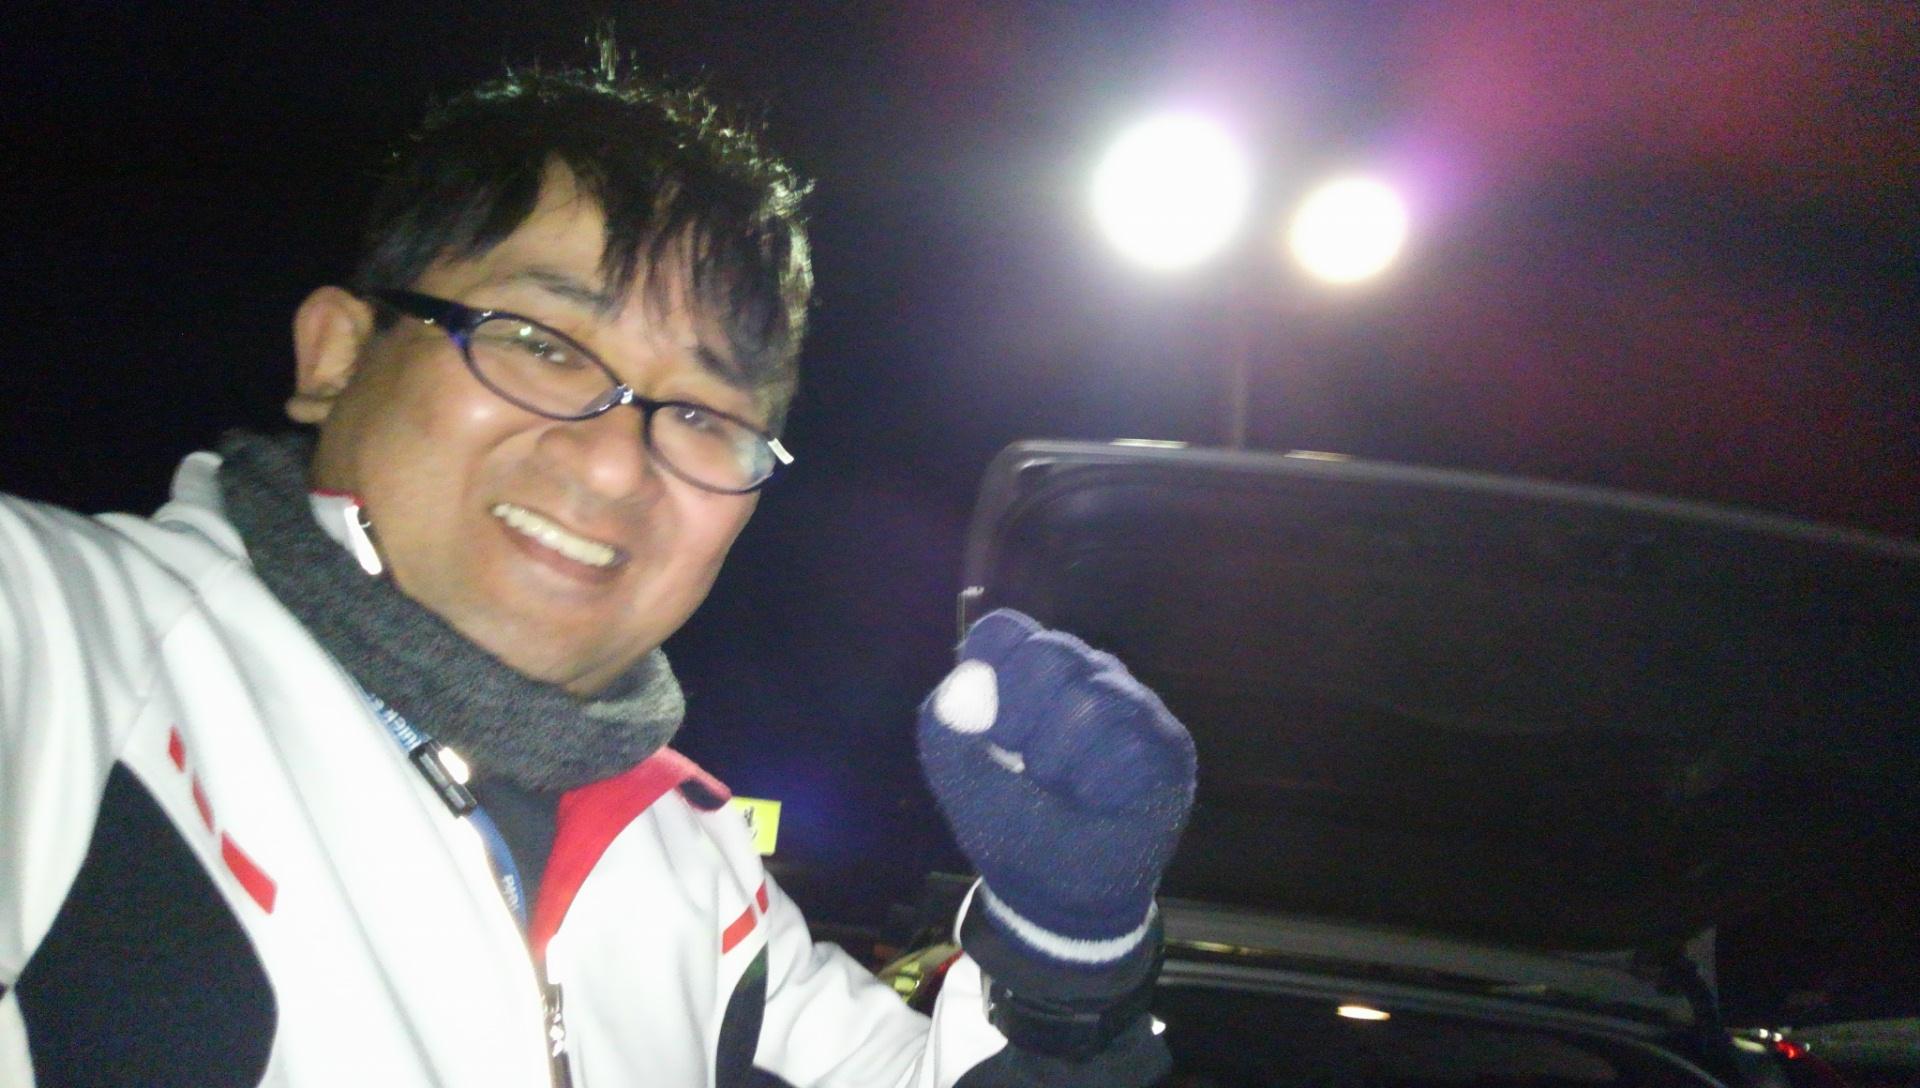 初のブルベ走る!俺たちのブルベを走った!・・・BRM126 牛久 AJ宇都宮 200km 走って良かった! 4人はしっかりとした勲章を得る!